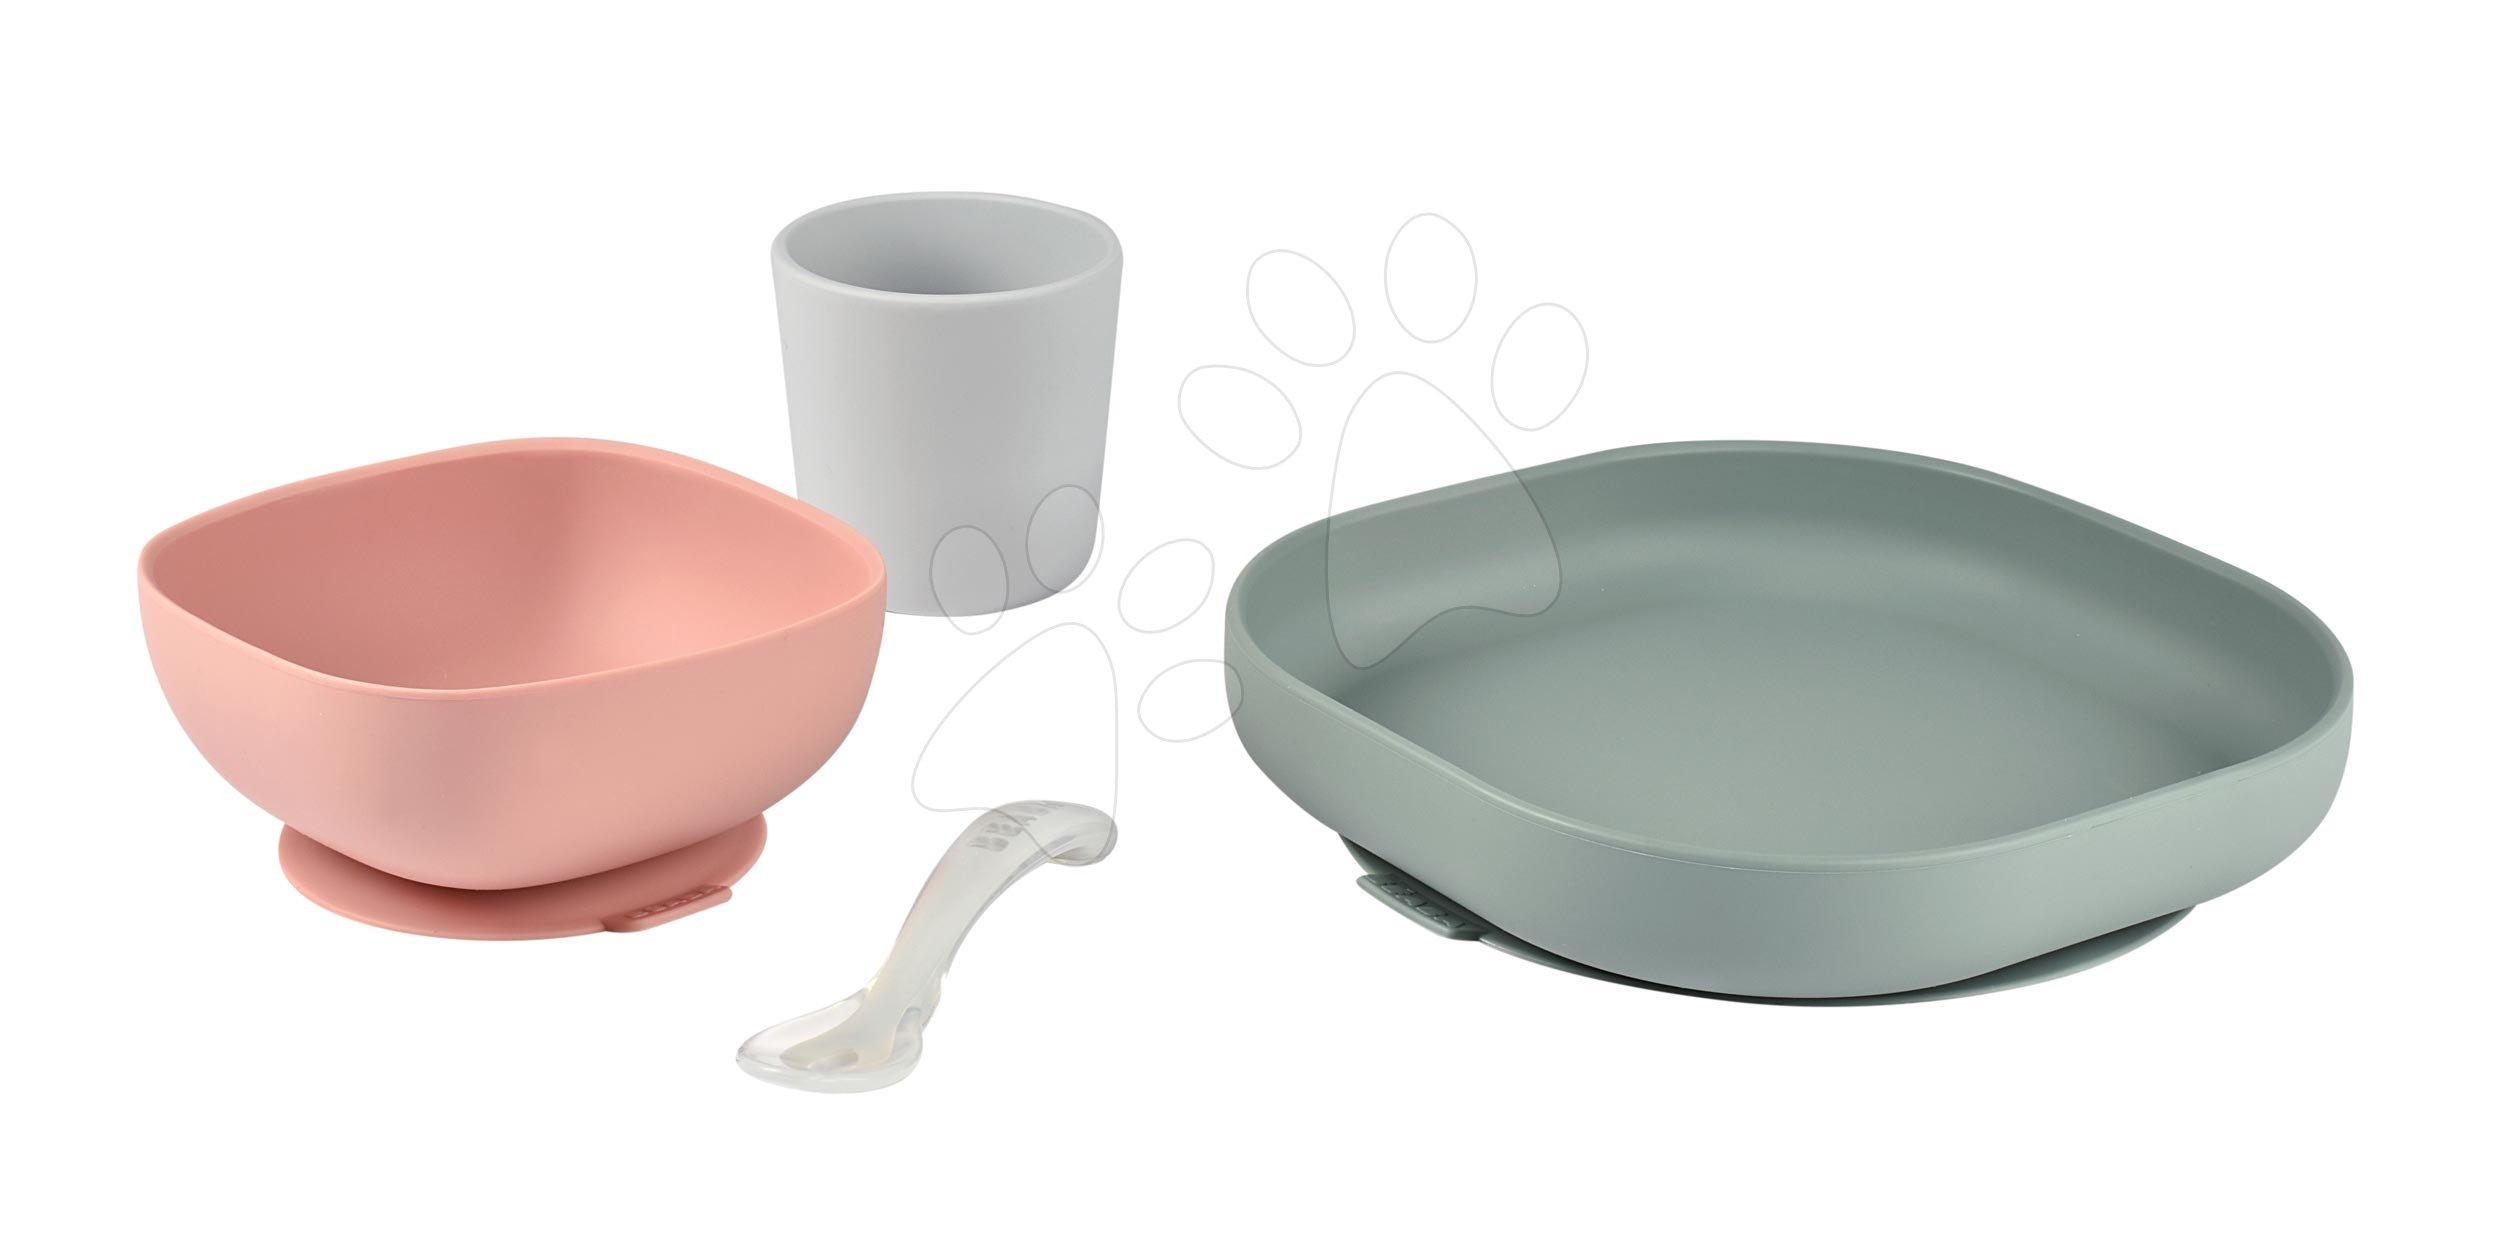 Jedálenská súprava Beaba Silicone meal set zo silikónu 4 dielna ružovo-béžovo-šedá pre bábätká